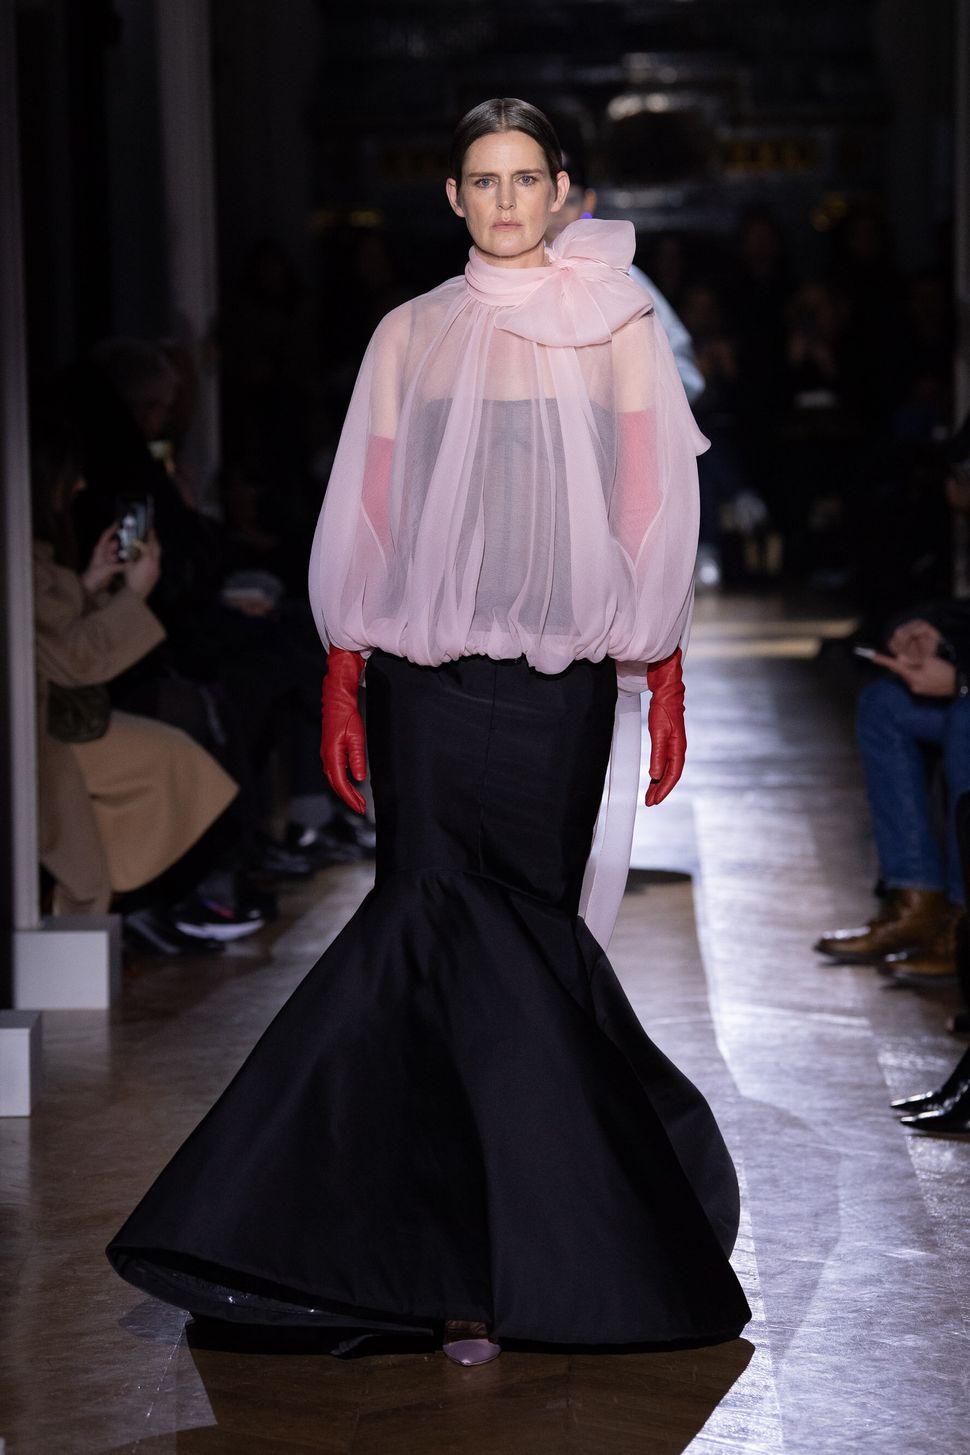 Collezione Haute Couture SS20 e finale di sfilata di Valentino